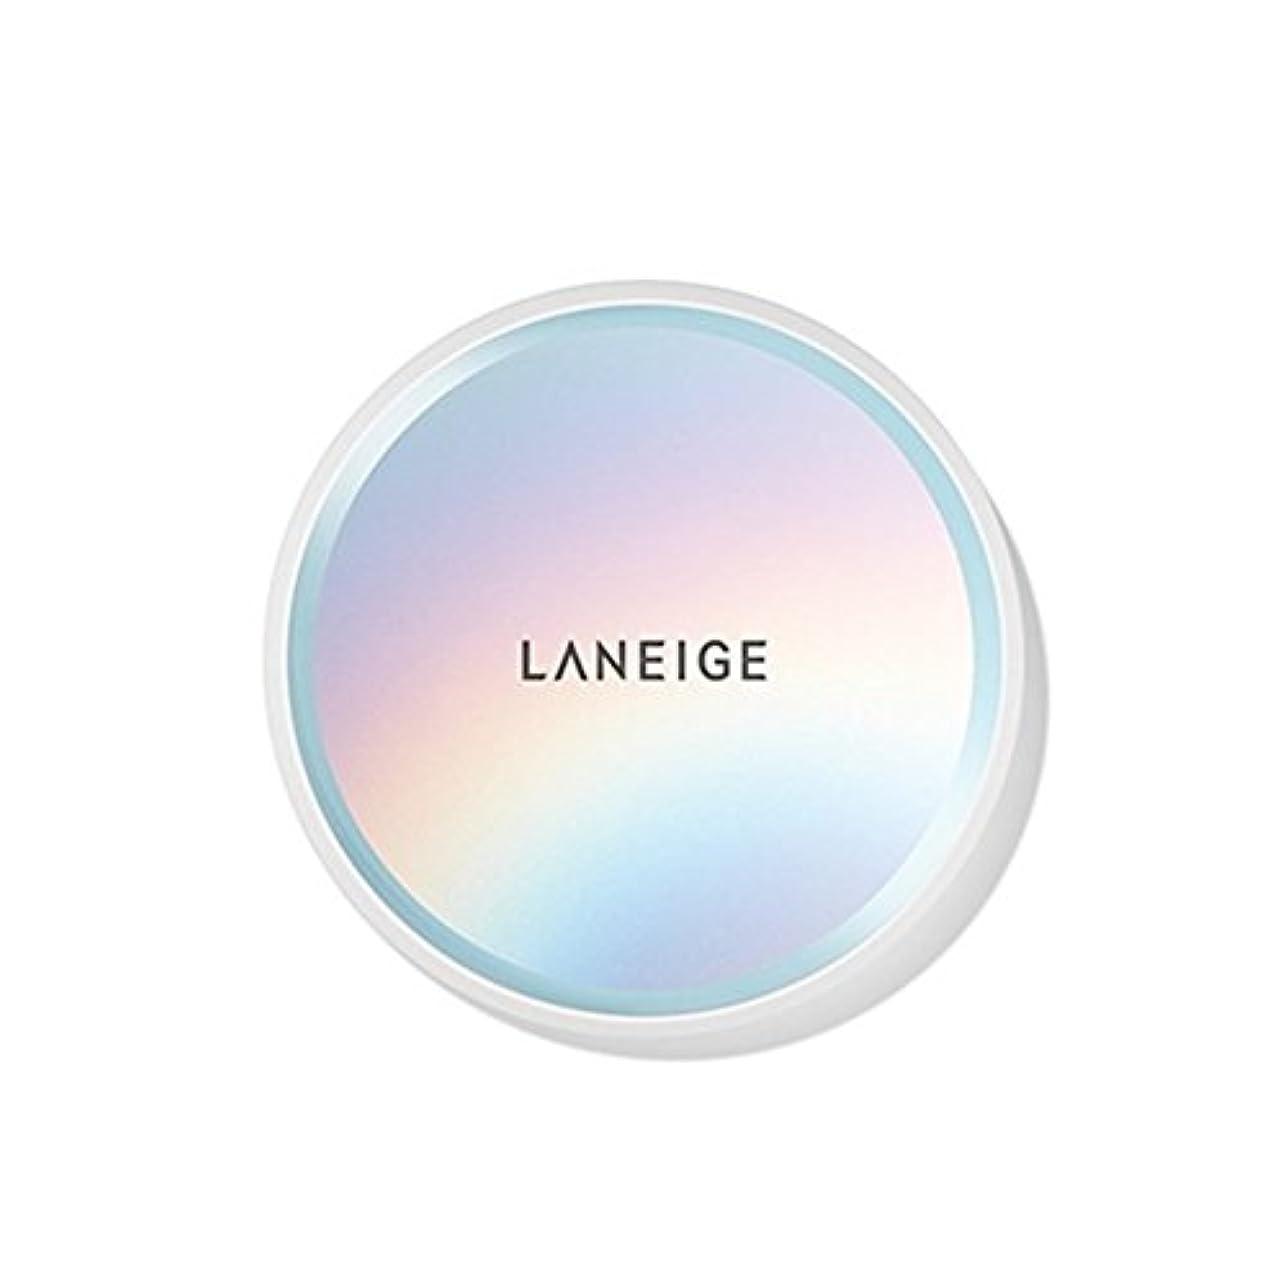 フェデレーションオゾン帰する【ラネージュ】 LANEIGE BB Cushion Pore Control BBクッションポアコントロール 【韓国直送品】 OOPSPANDA (4.No. 23 Sand)